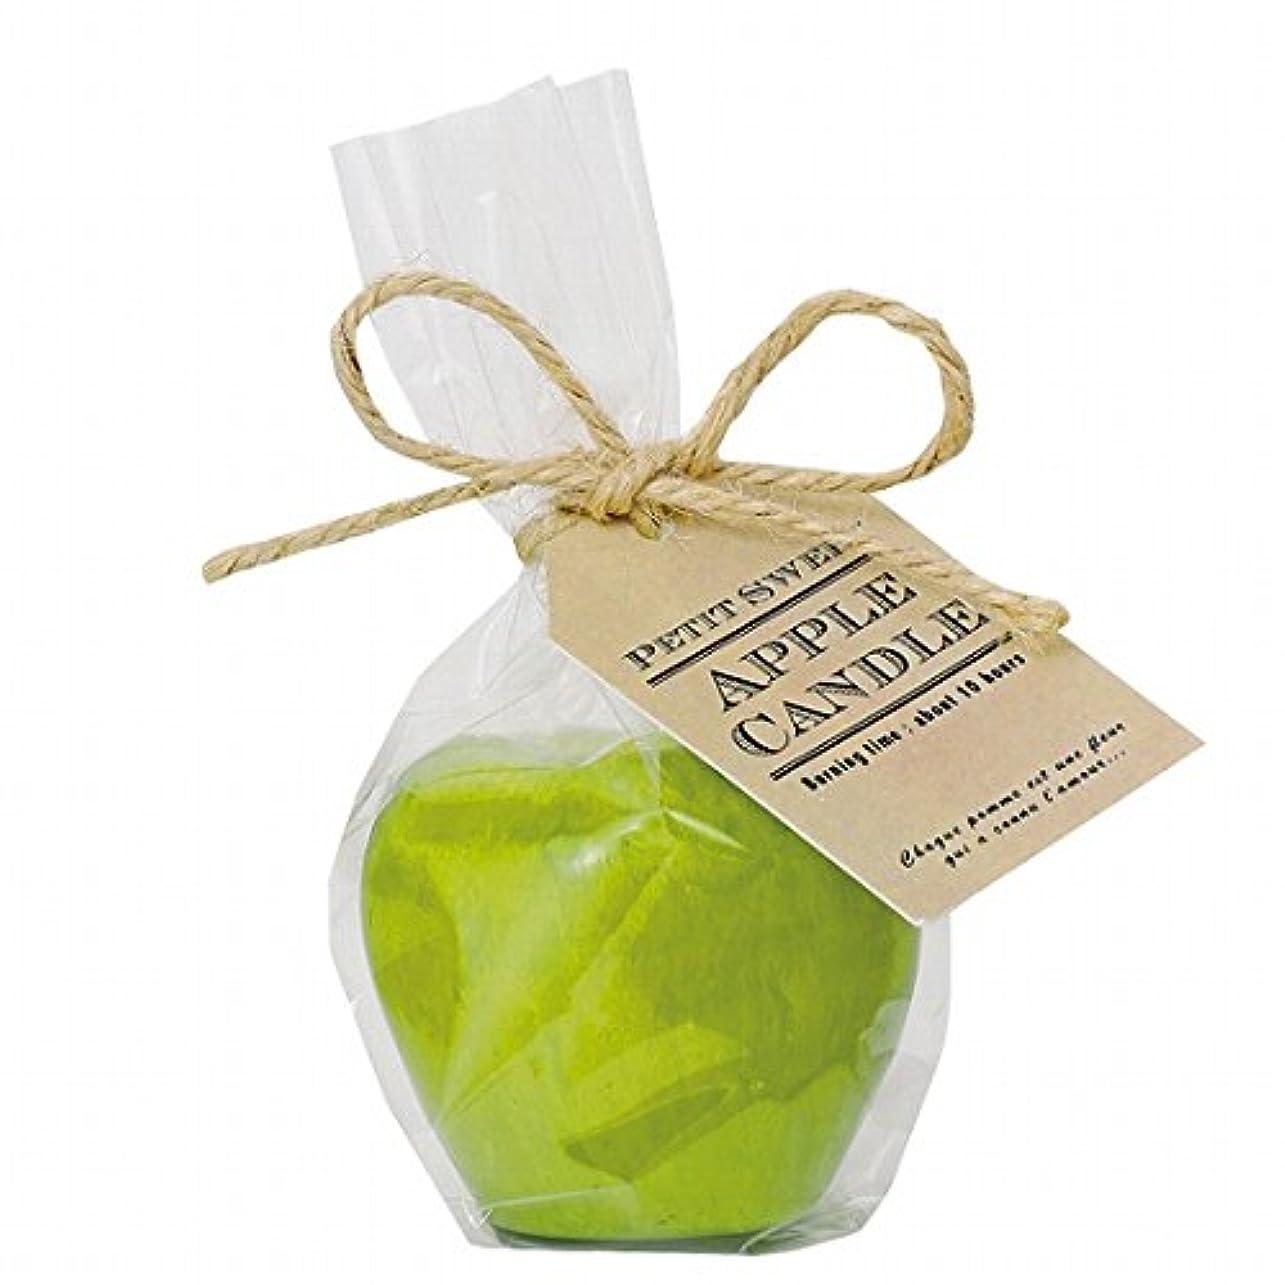 ゴルフ植物学シリアルカメヤマキャンドル(kameyama candle) プチスイートアップルキャンドル 「 グリーン 」